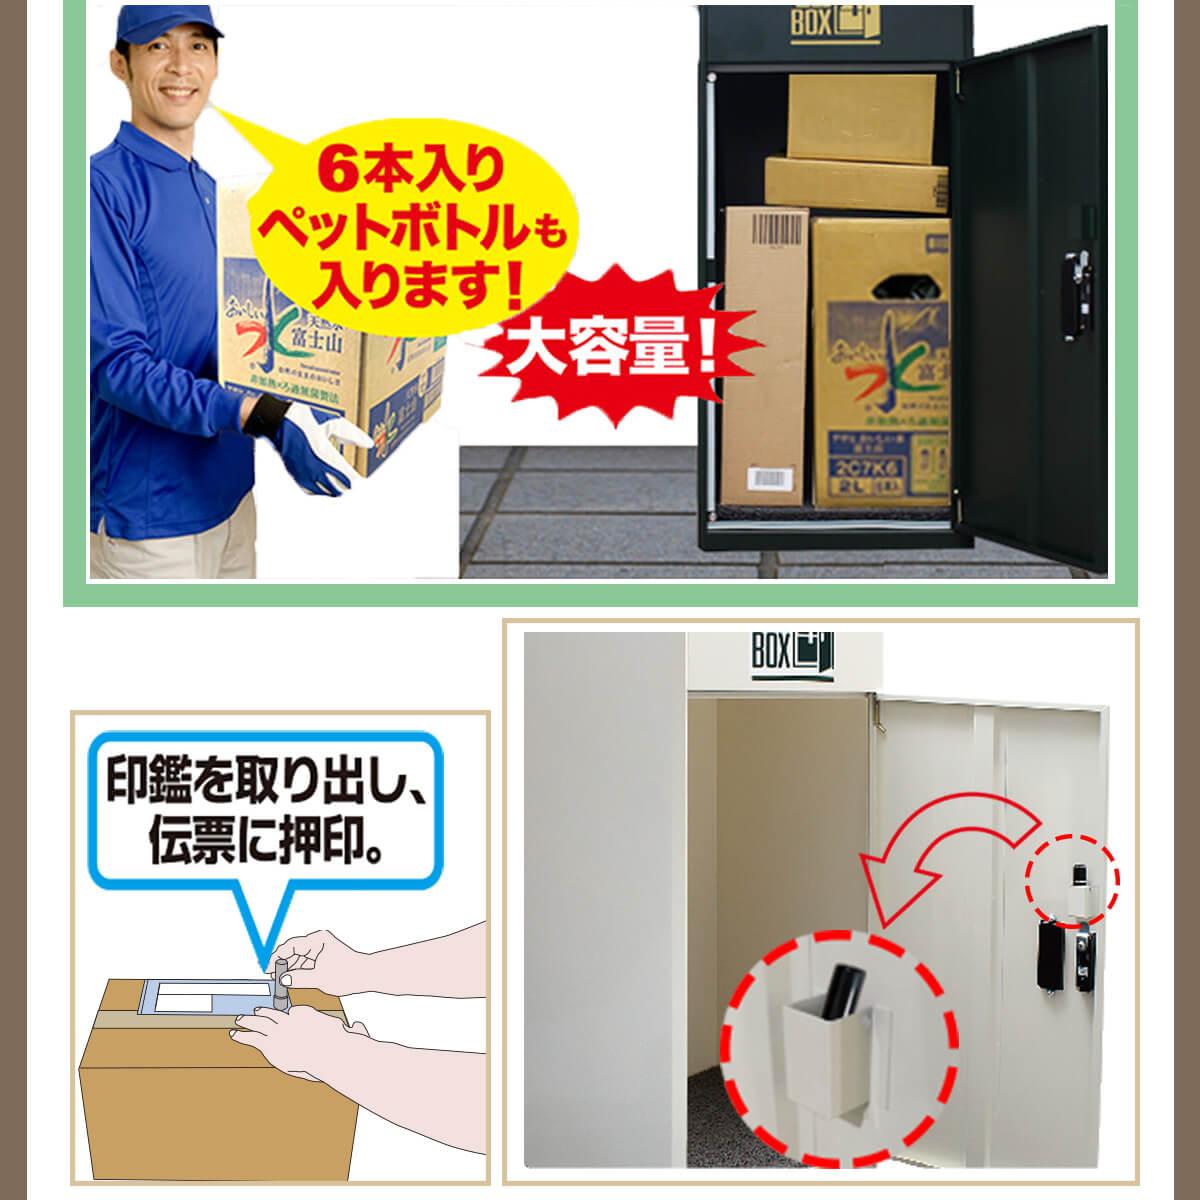 宅配ボックス ルスネコボックス®使い方4